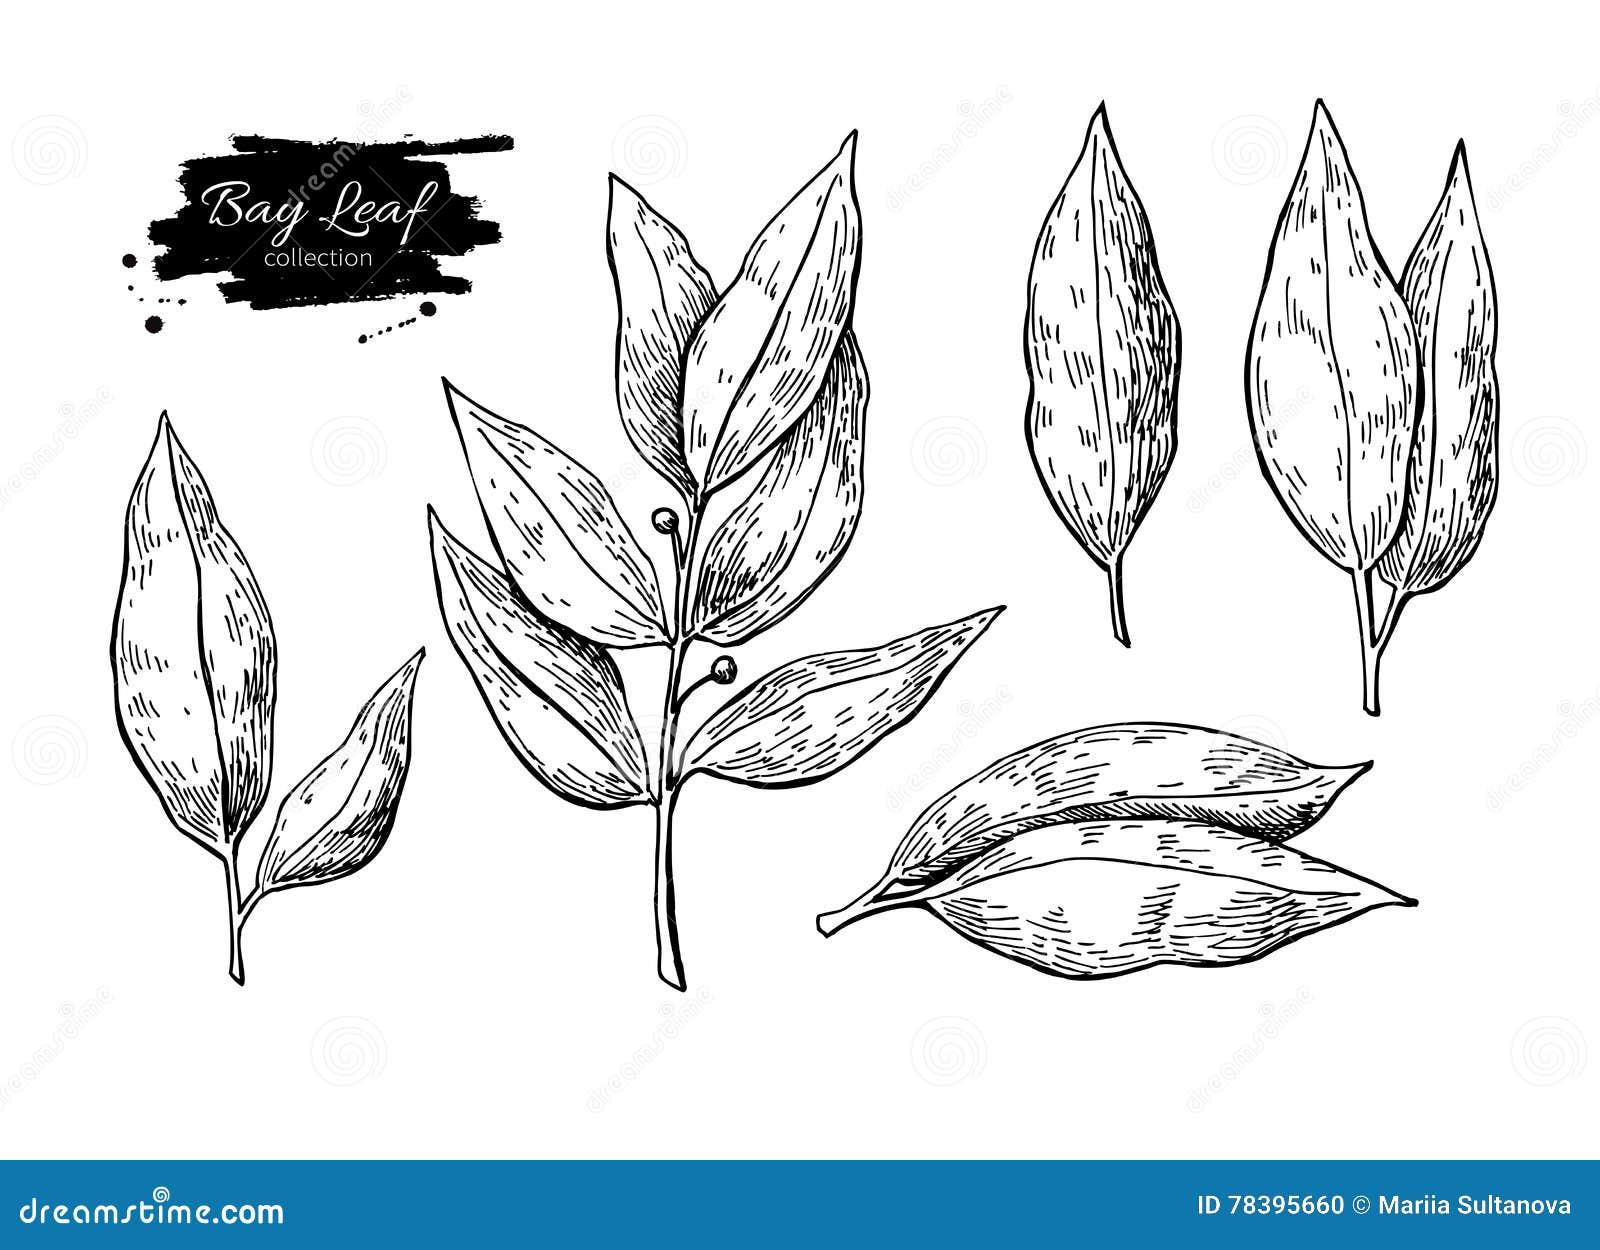 Ilustracao Tirada Mao Do Vetor Da Folha De Louro Objeto Isolado Da